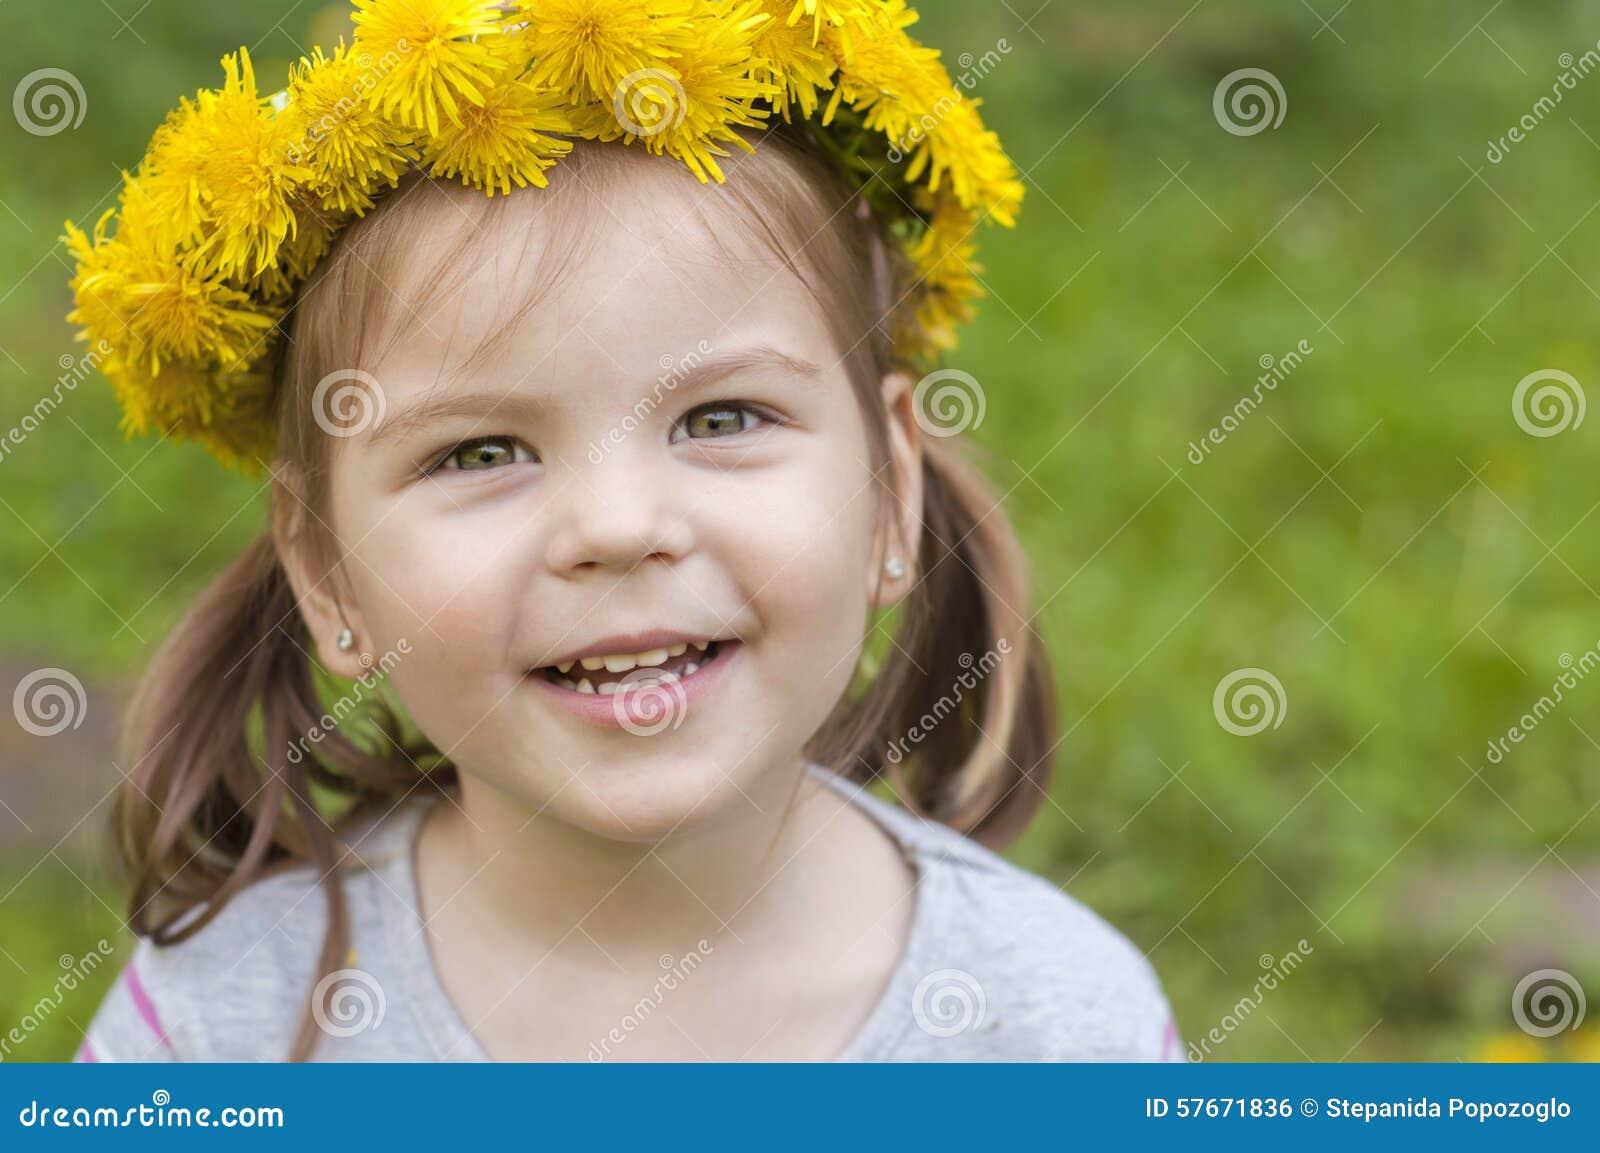 Glückliches Mädchen mit gelben Blumen